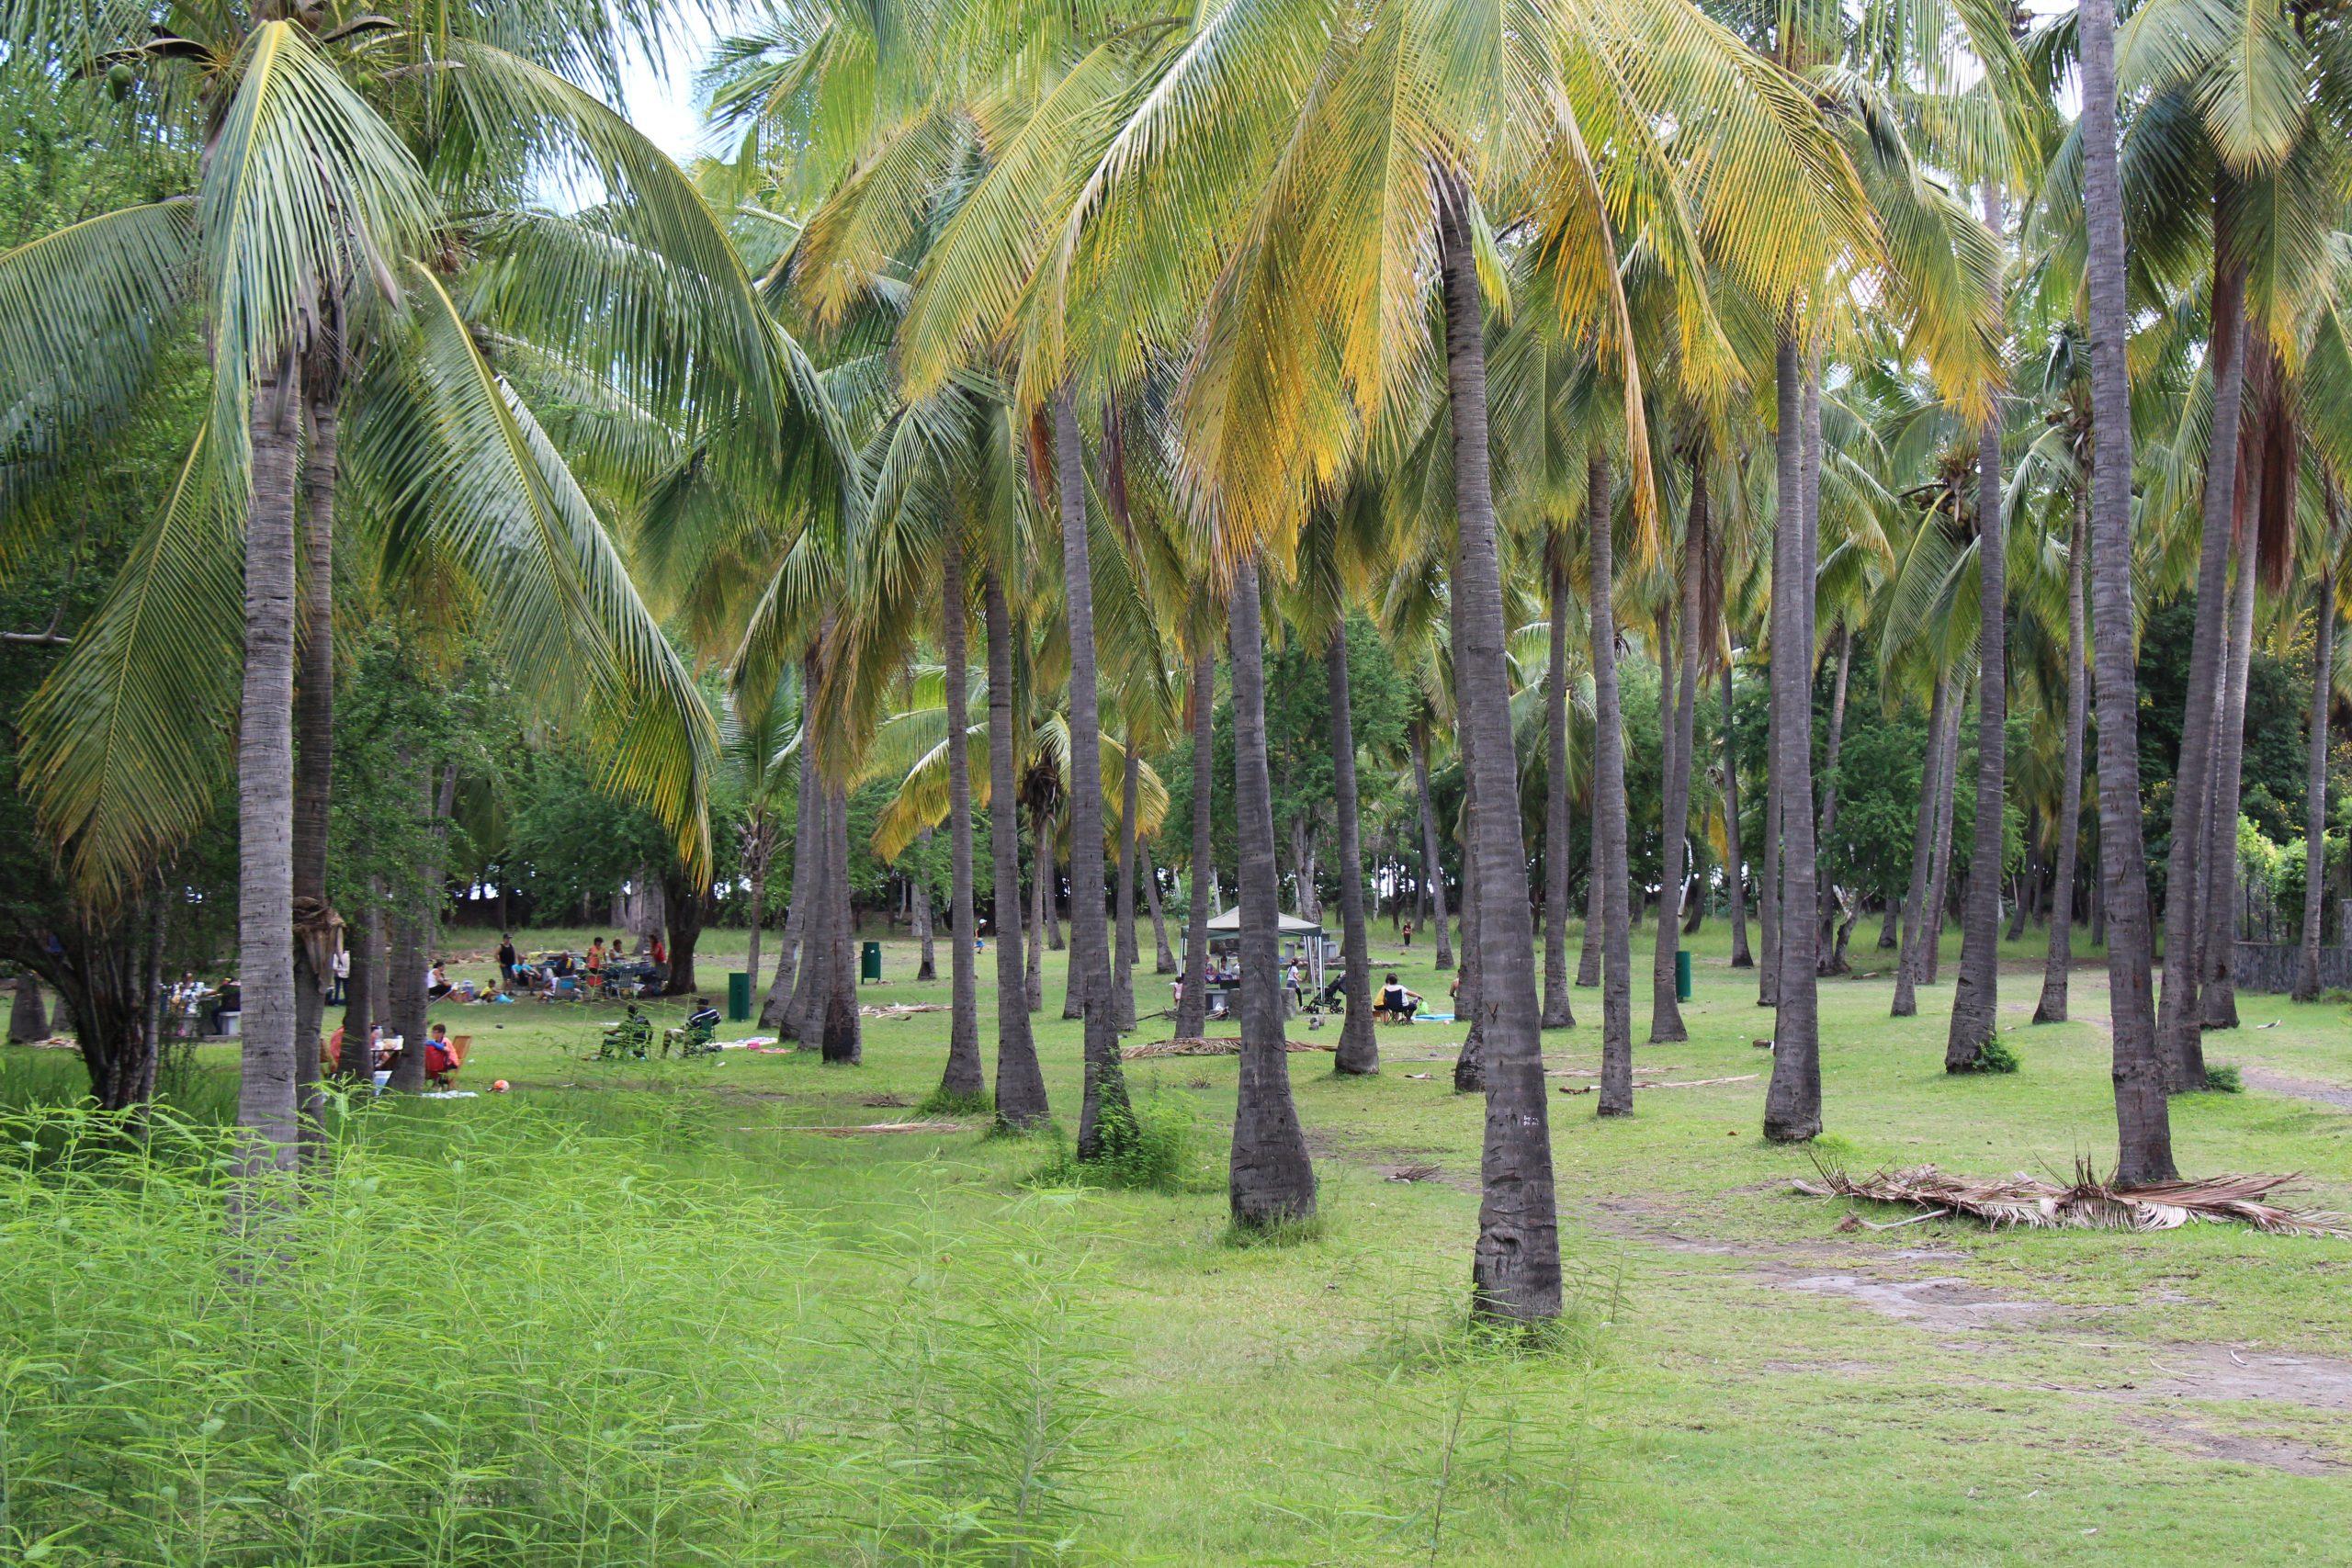 Saint-Paul parc des palmiers balade en vélo-couché ile de la Réunion